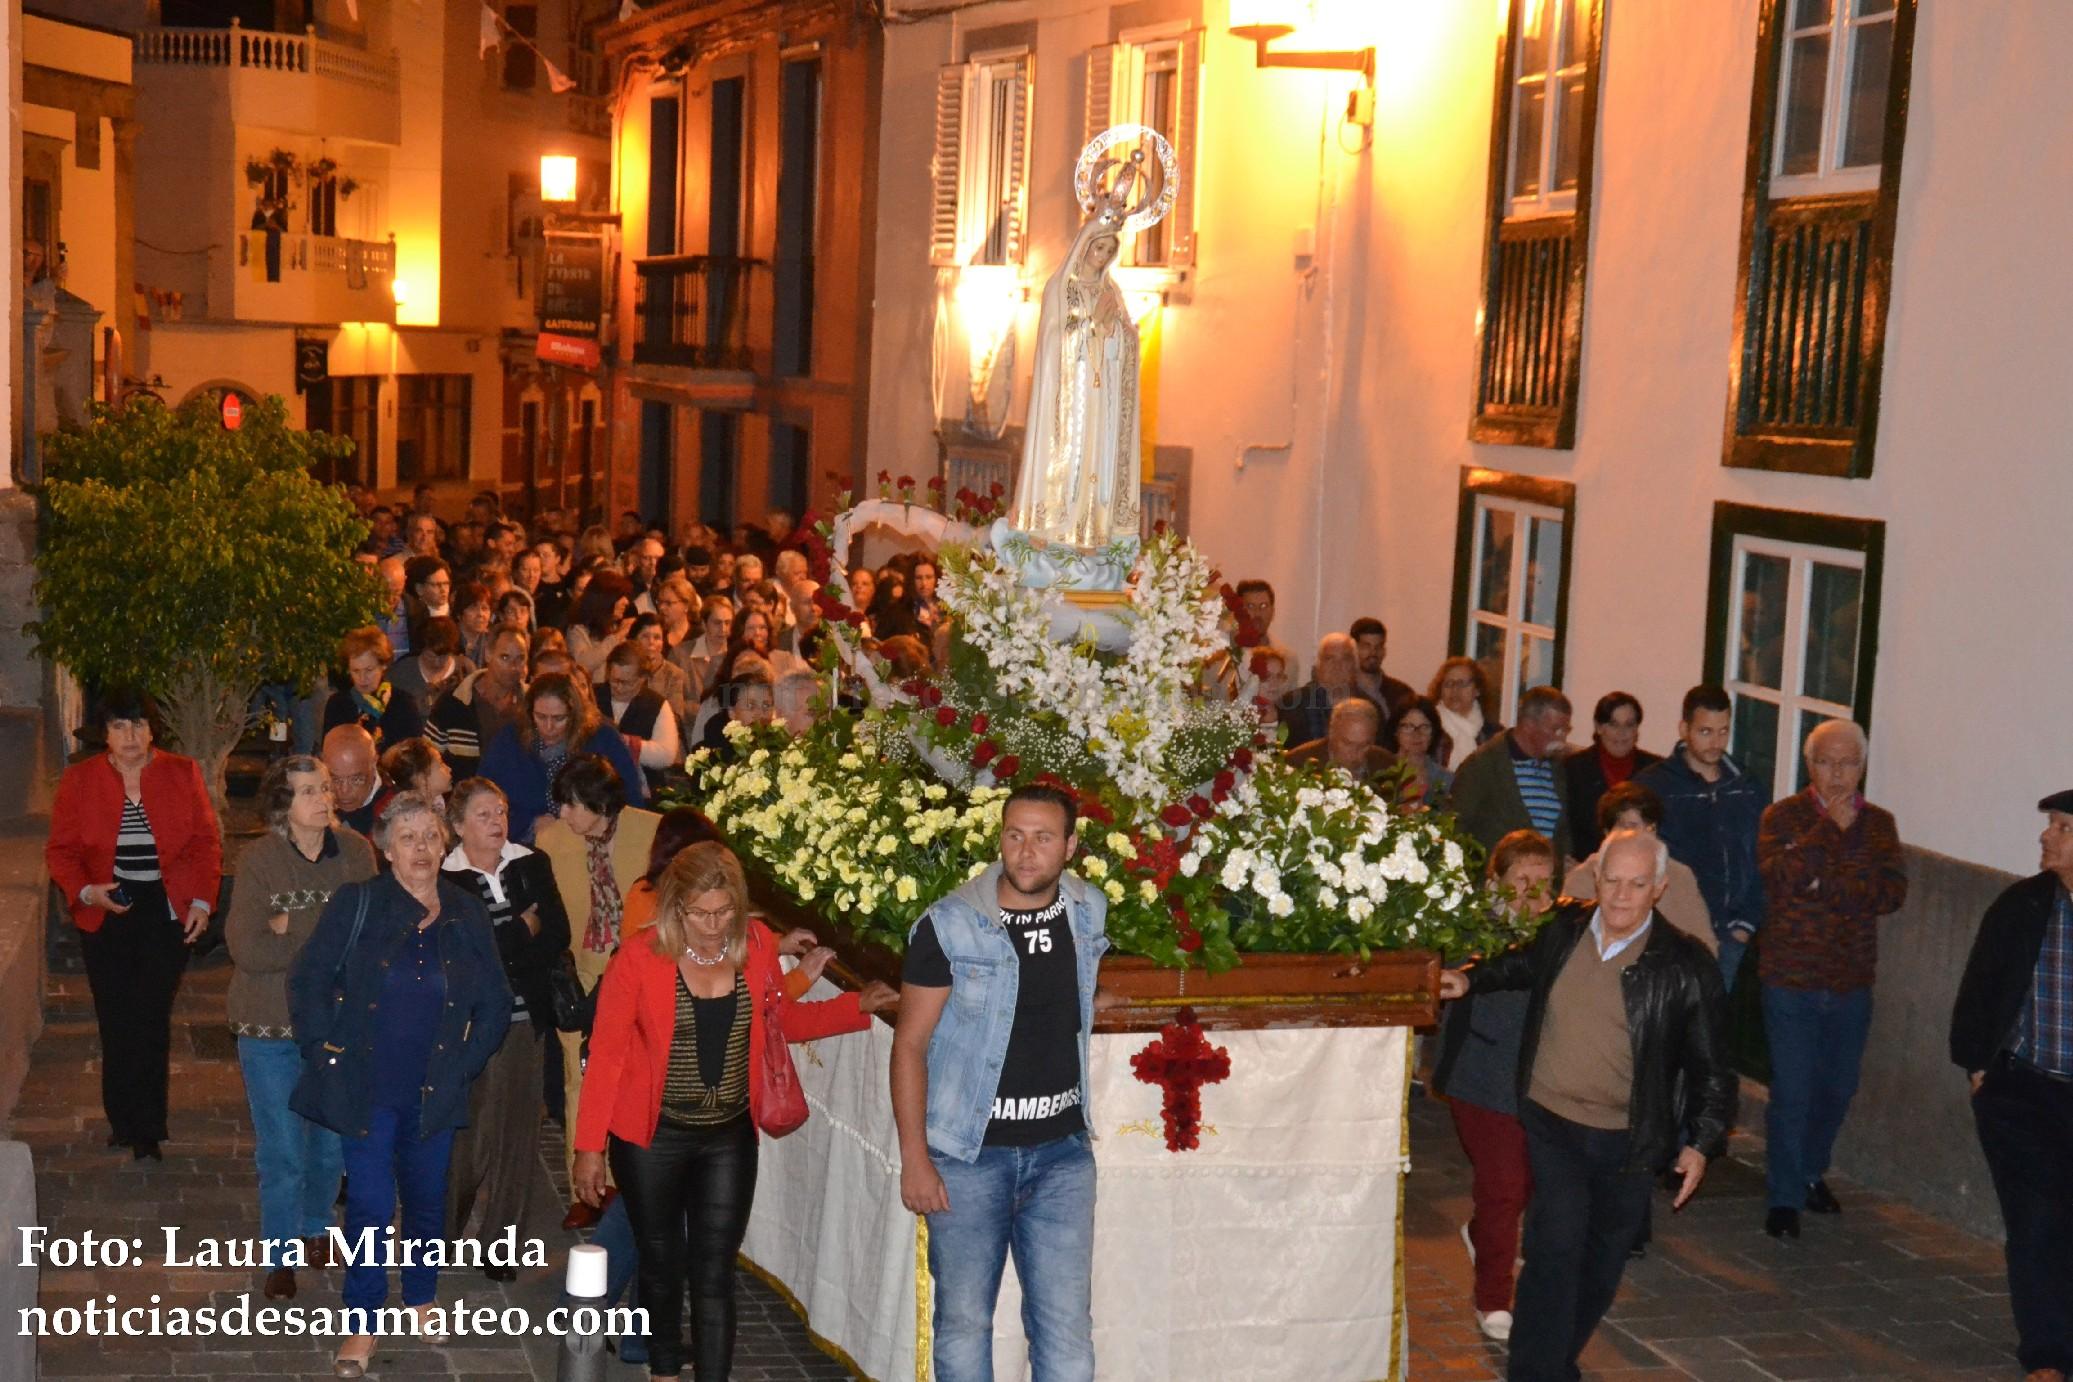 Fiestas de Fatima Vega de San Mateo FOTO LAURA MIRANDA NOTICIAS DE SAN MATEO